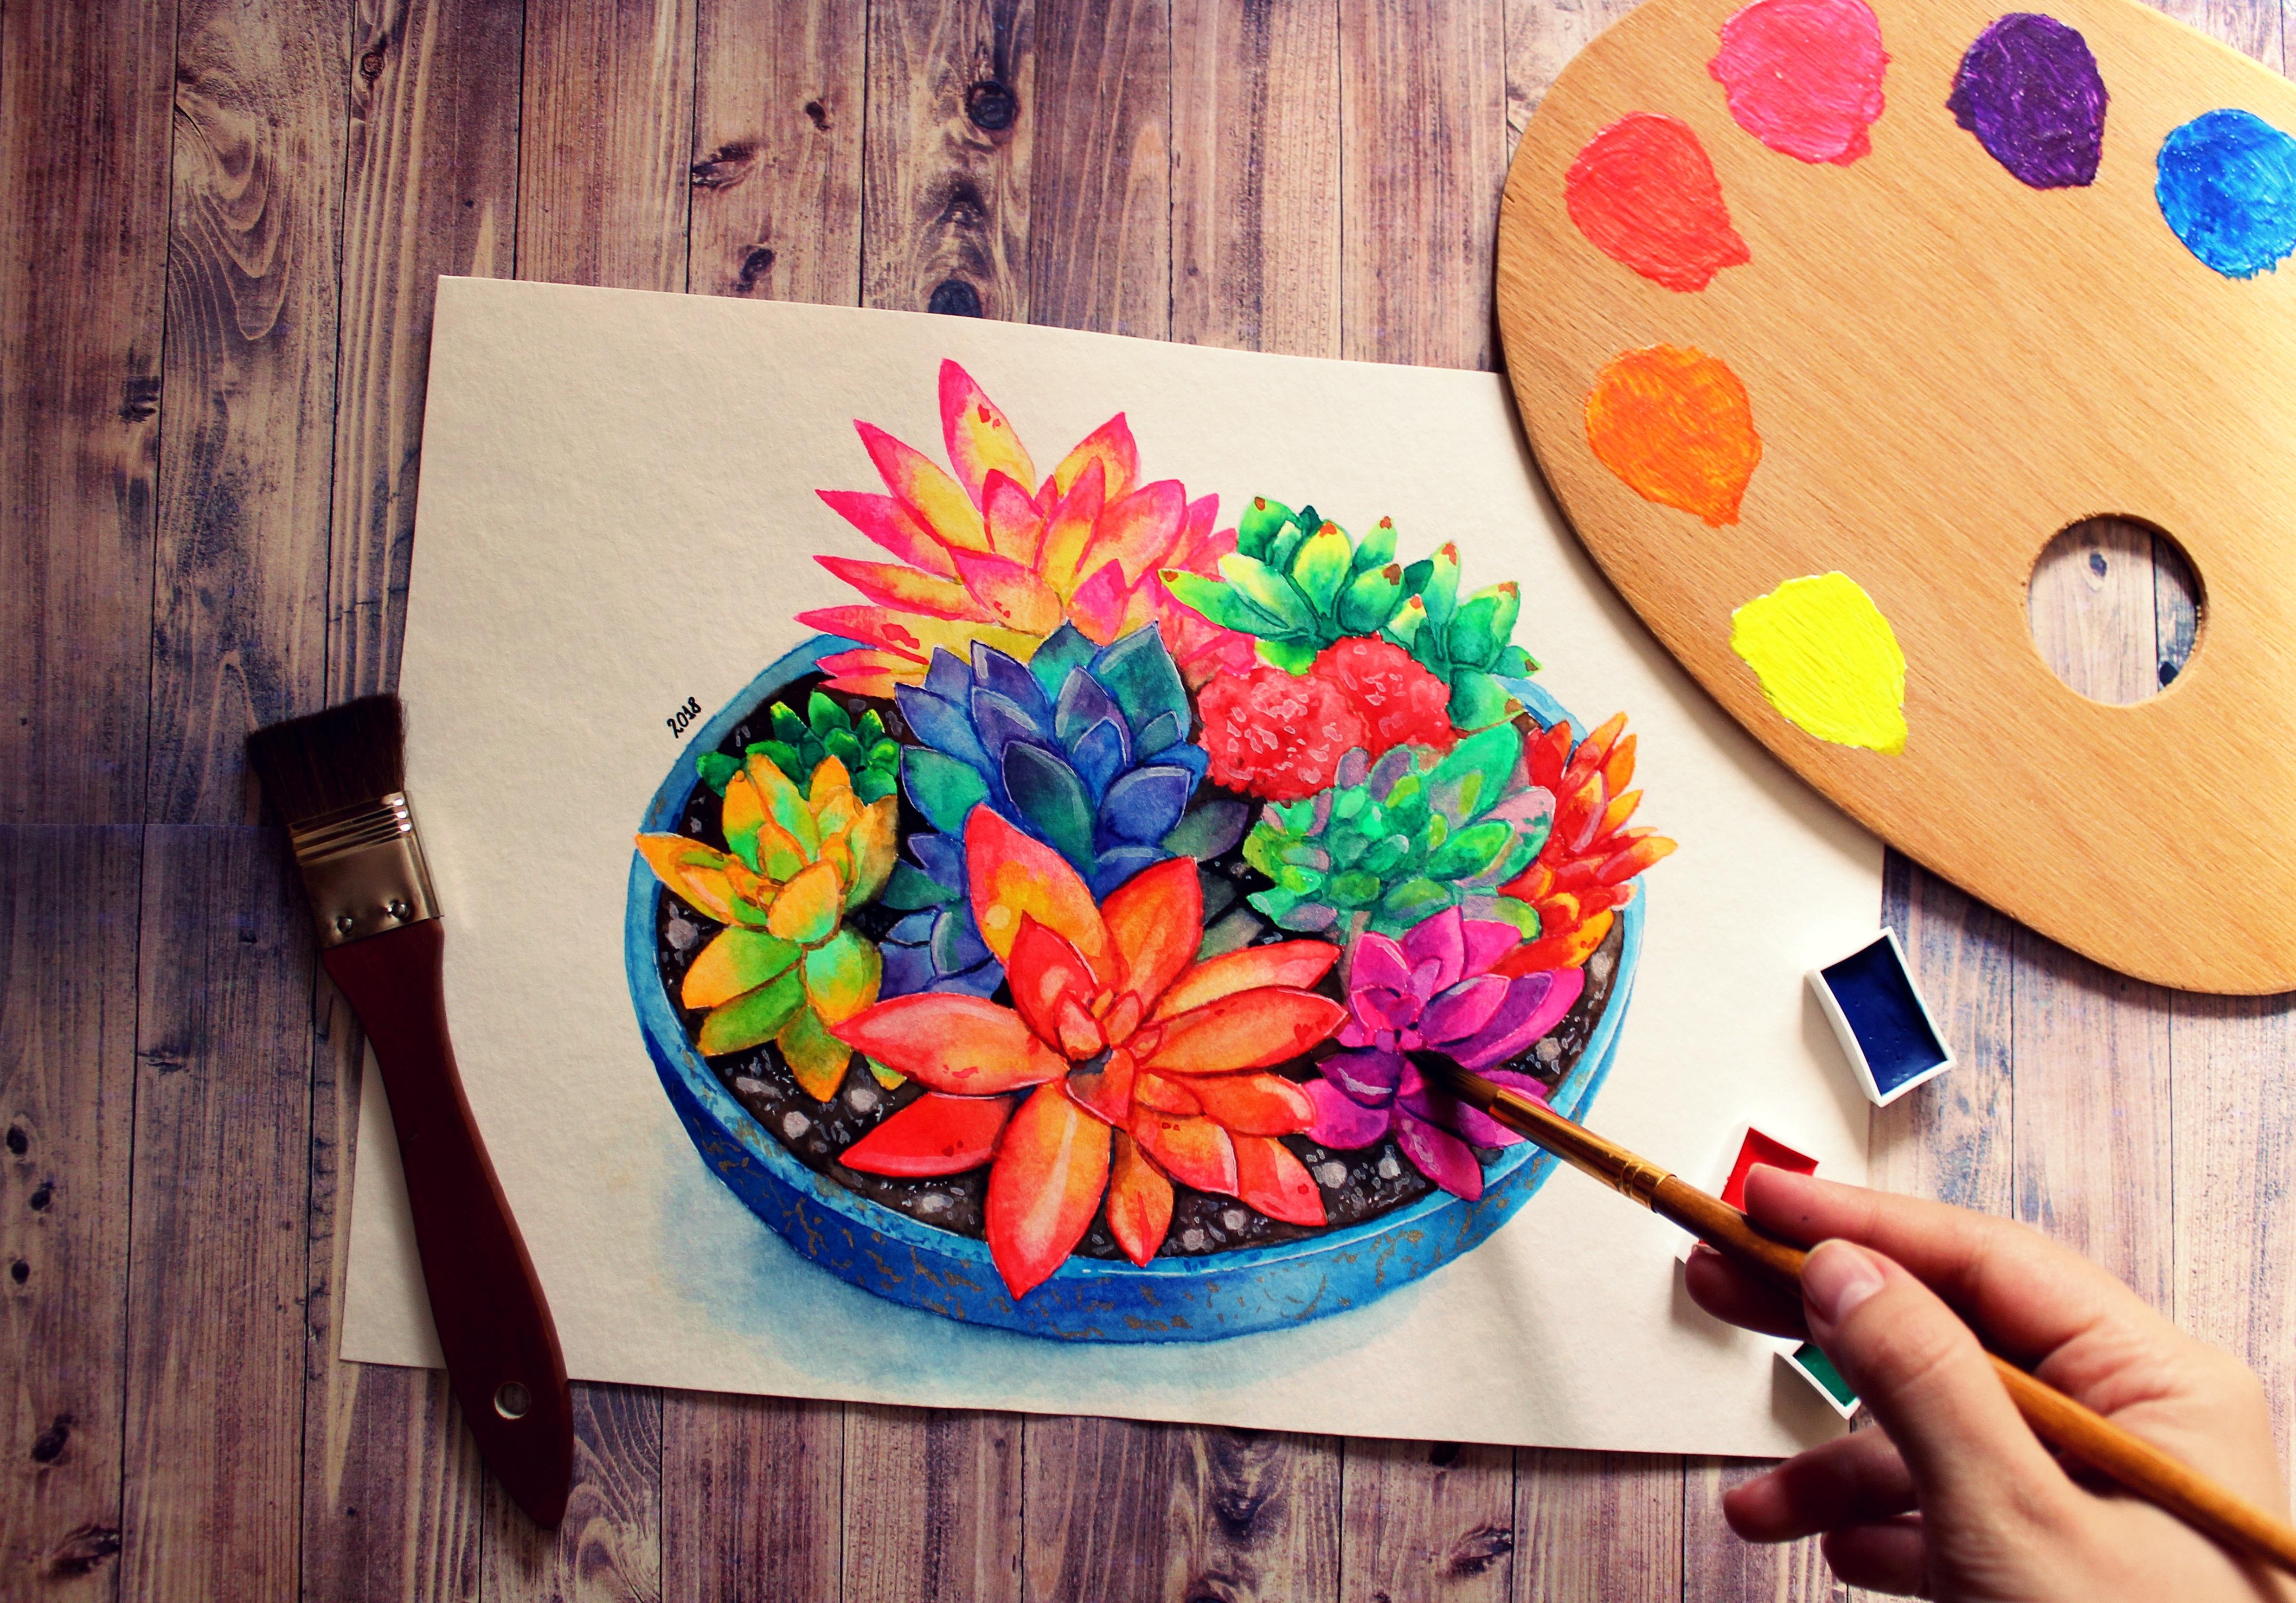 85260 Hintergrundbild herunterladen Künstler, Verschiedenes, Sonstige, Zeichnung, Farben, Malerei - Bildschirmschoner und Bilder kostenlos